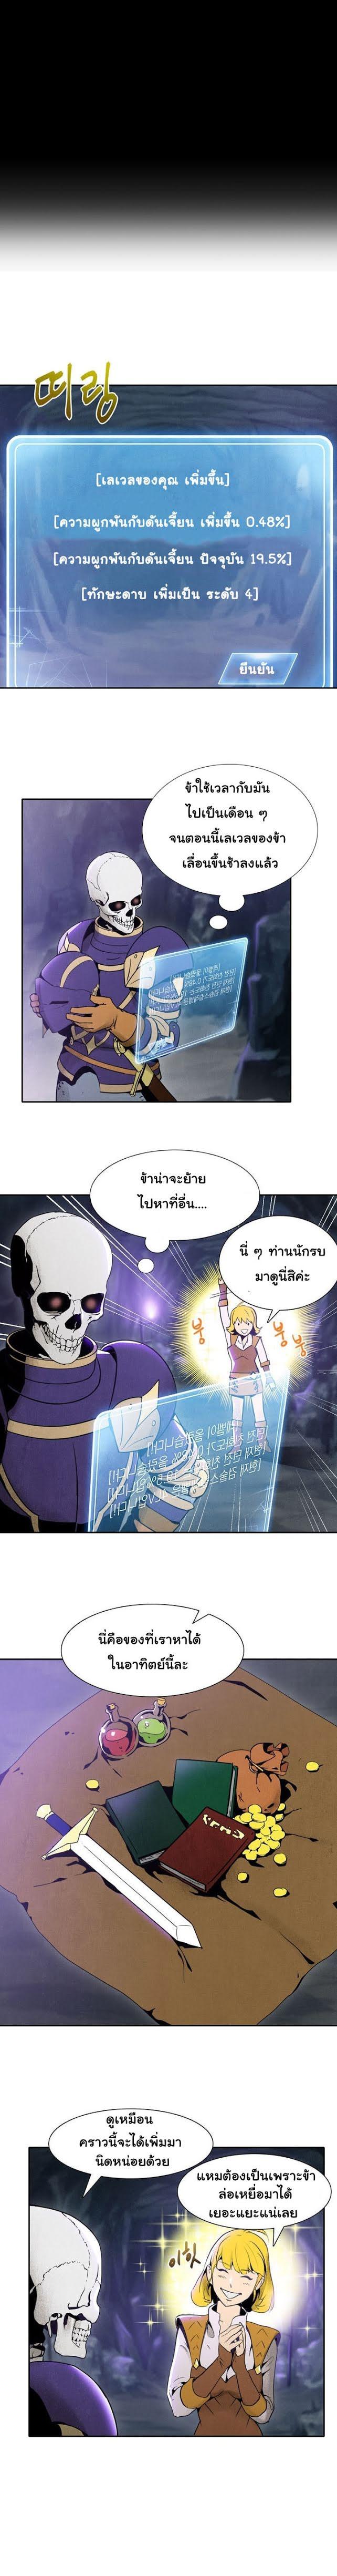 Skeleton Soldier - หน้า 3